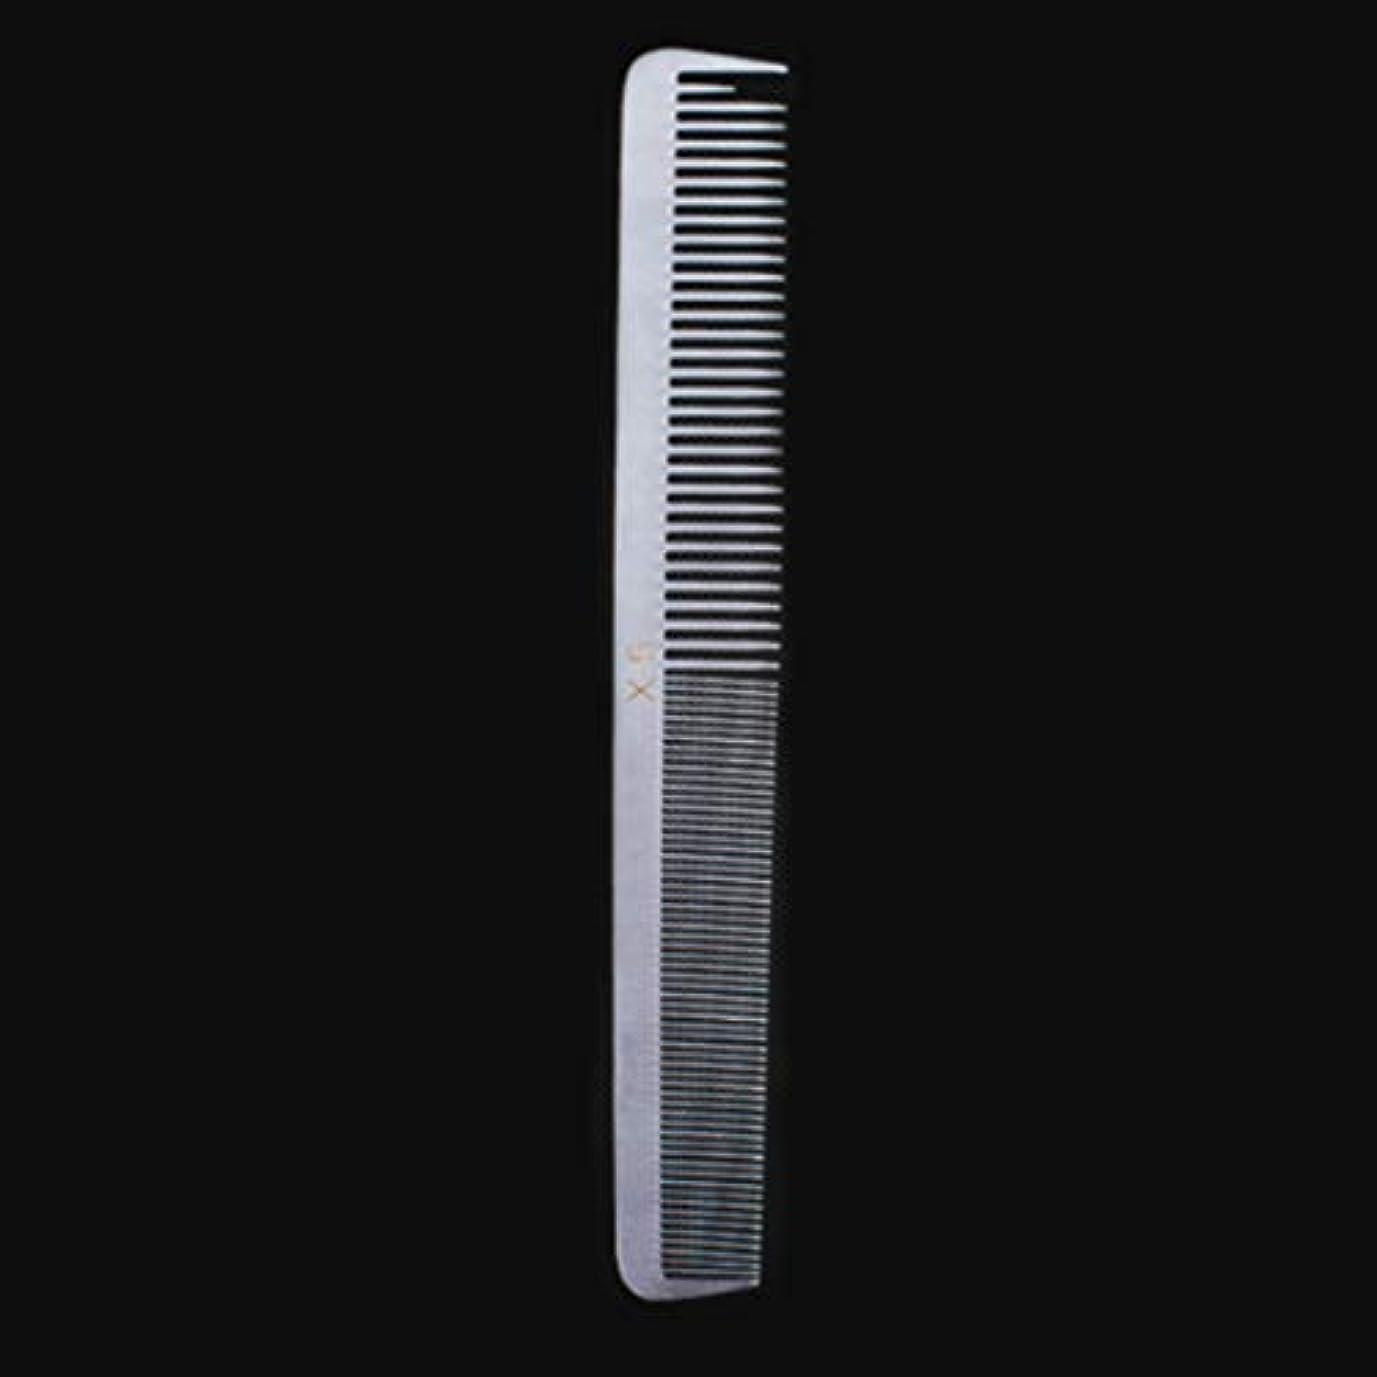 部分的に研磨剤背骨特別な薄いステンレス鋼の毛の櫛、女性のための帯電防止櫛または人のための平らな毛との銀製の白さまざまな櫛 モデリングツール (サイズ : X5)